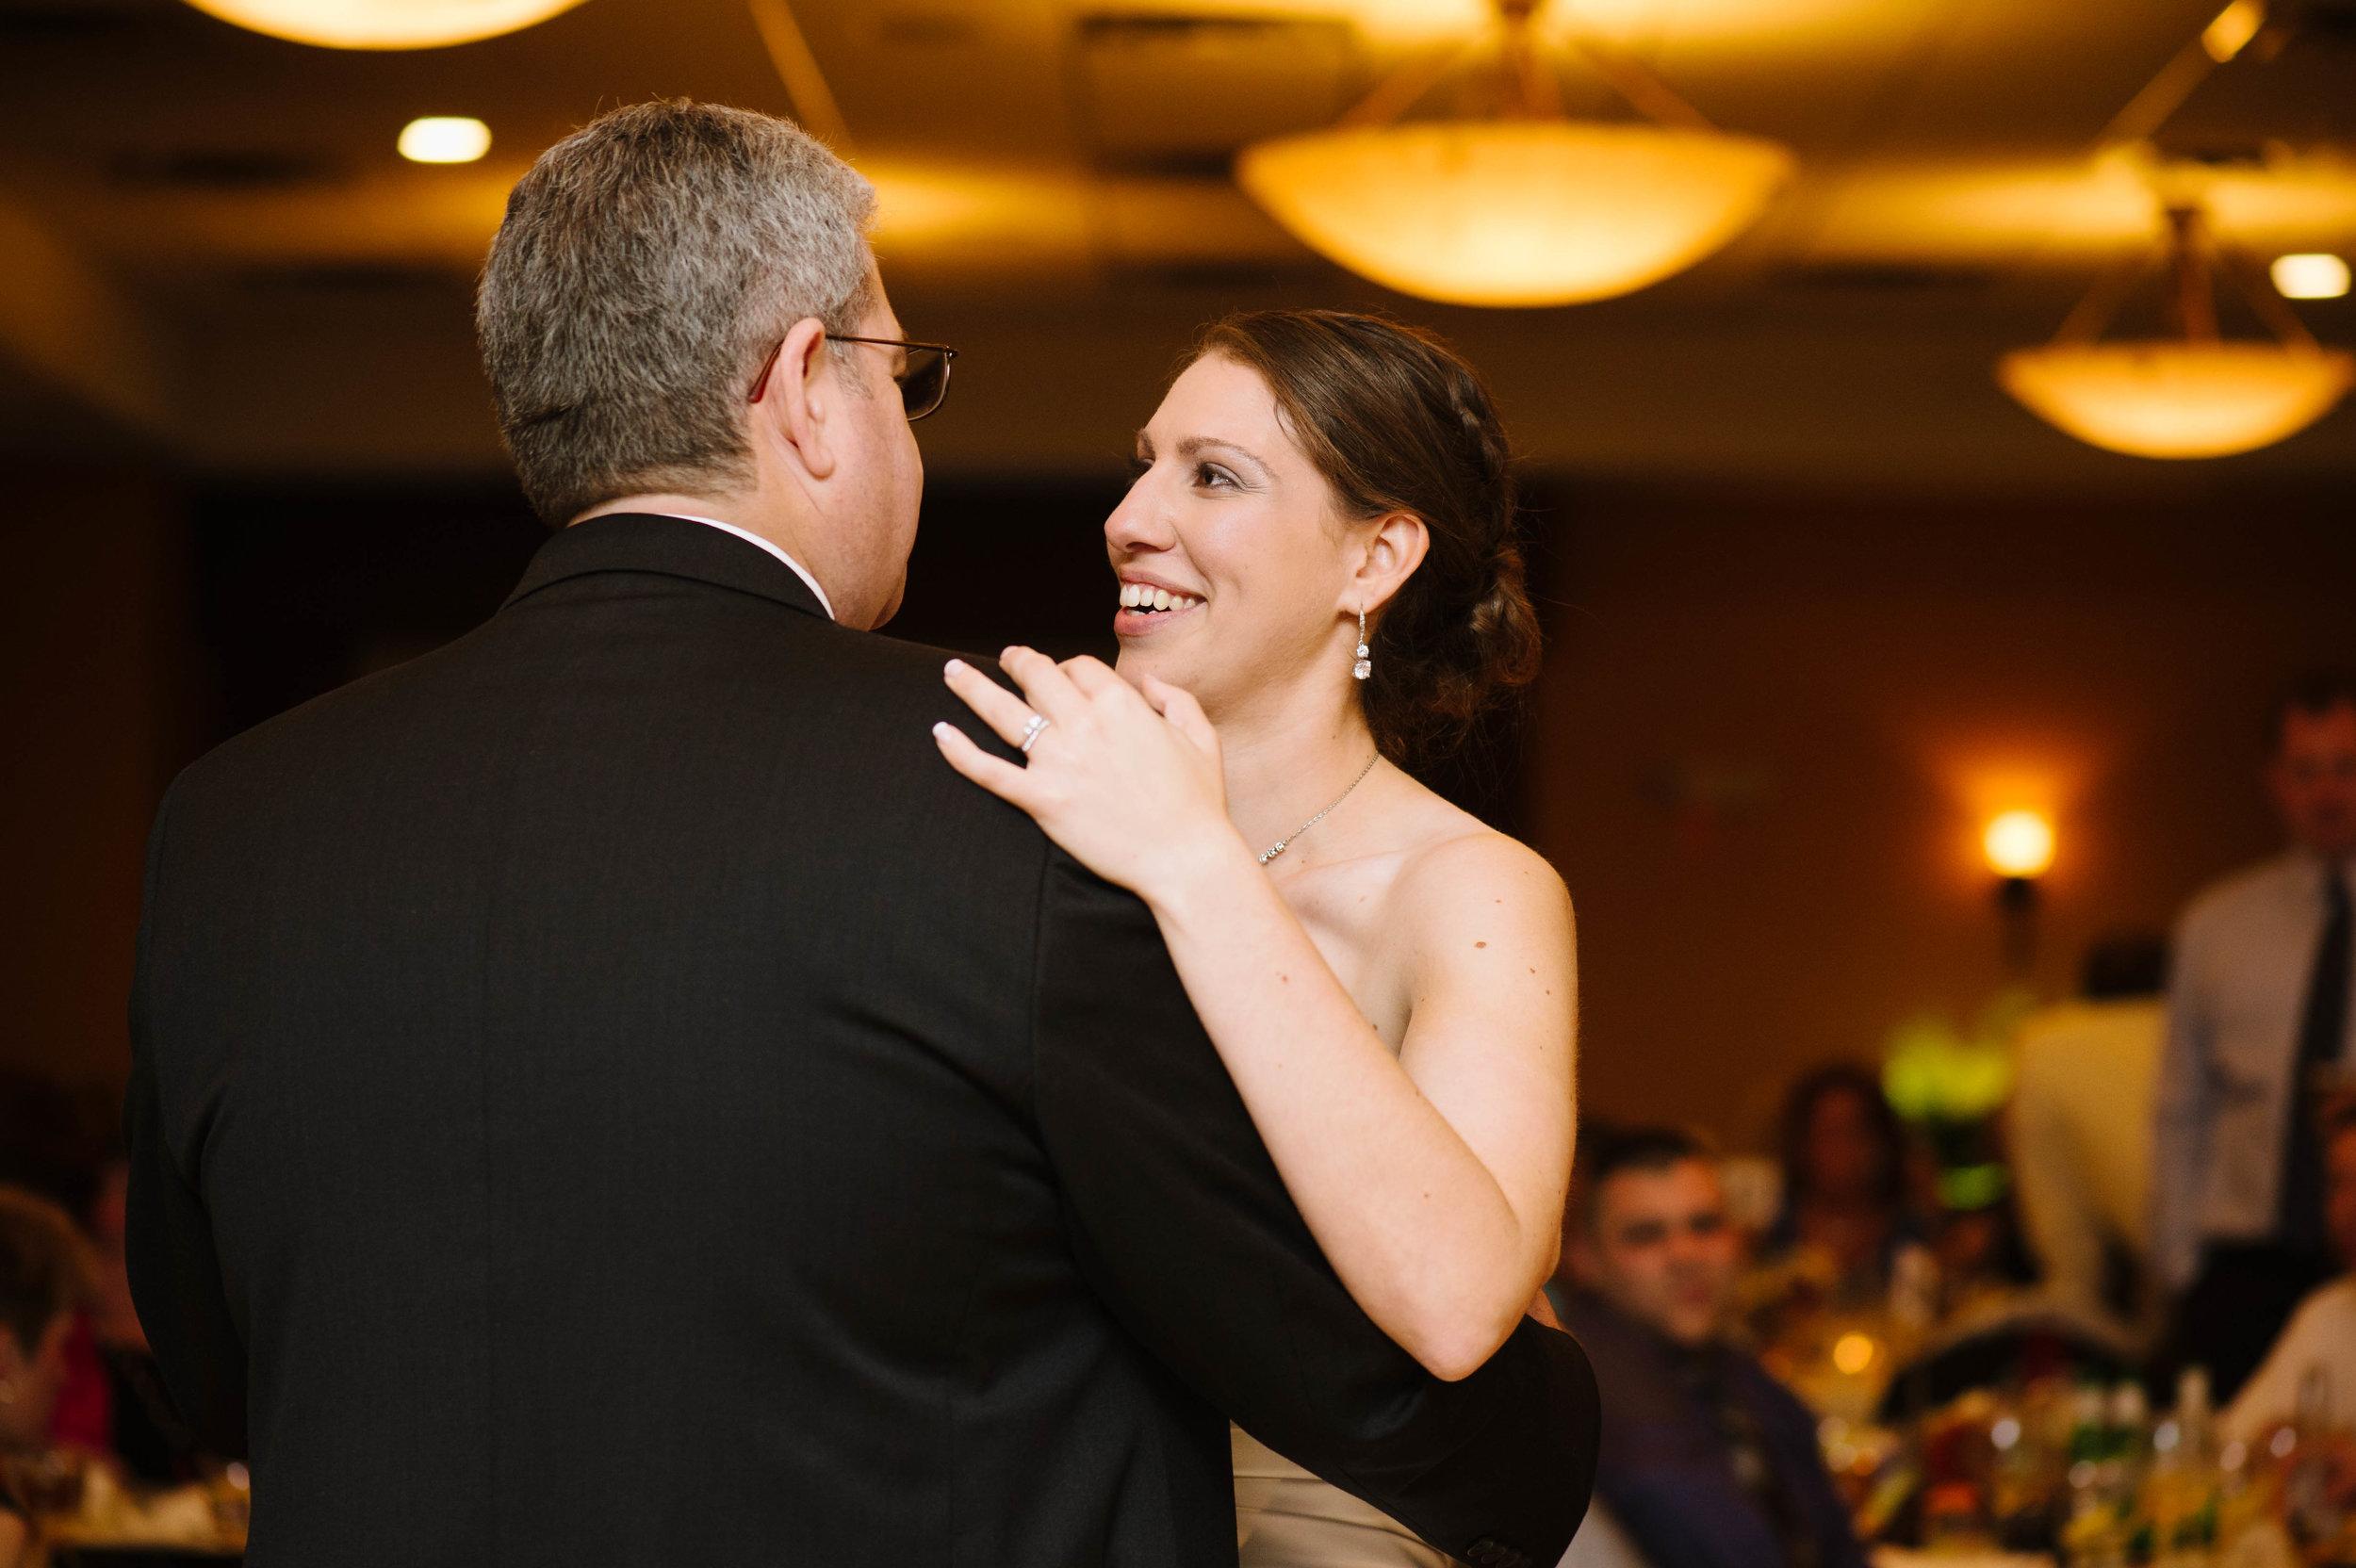 Candid-Wedding-Photography-Massachusetts022.jpg